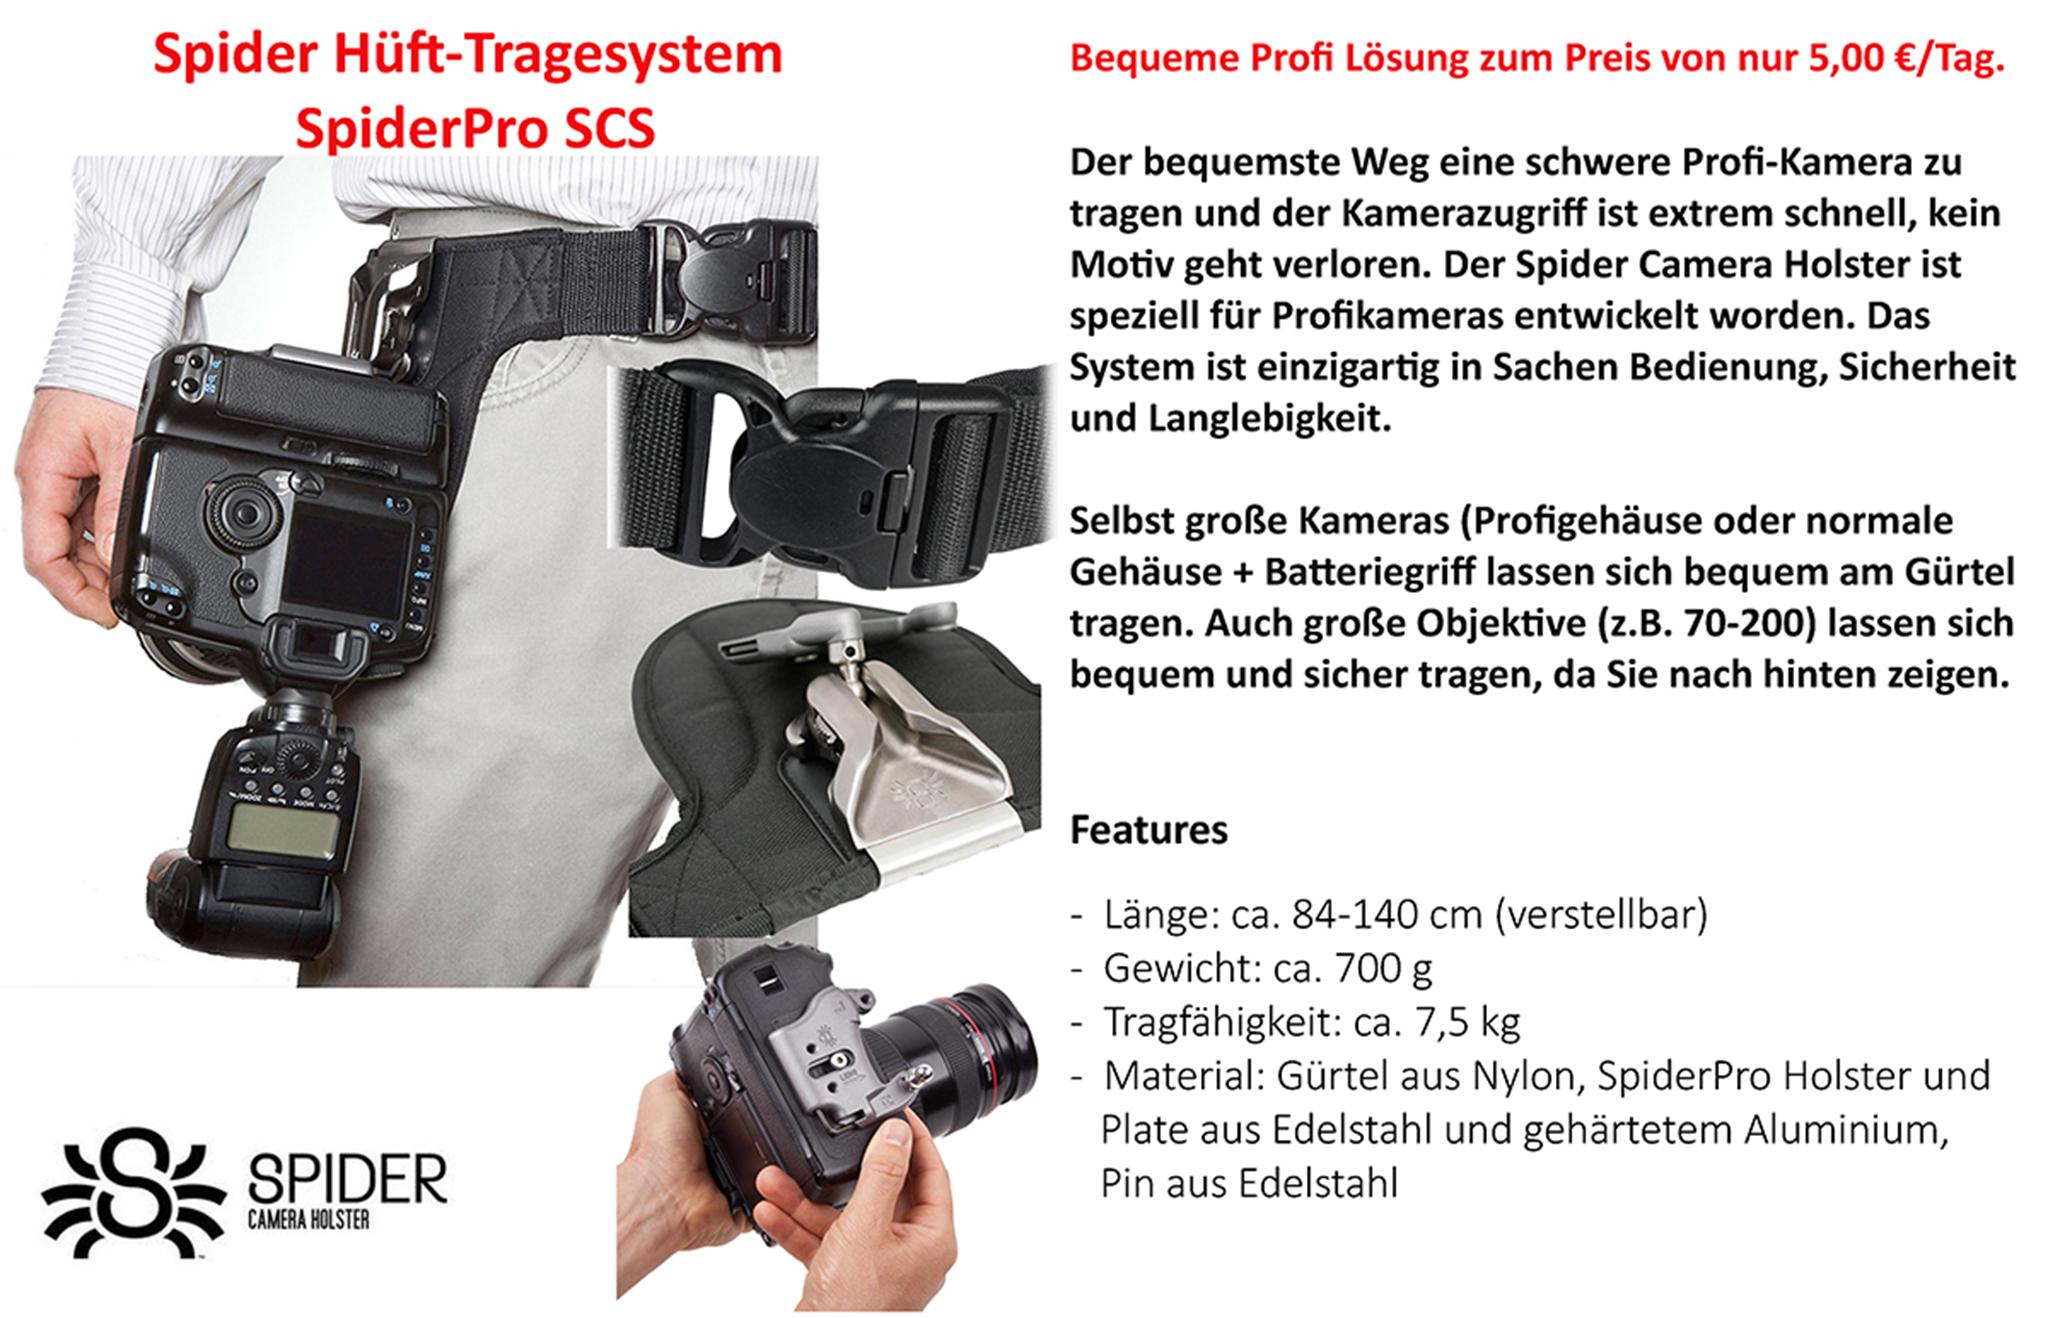 Spider Hüft-Tragesystem SpiderPro SCS